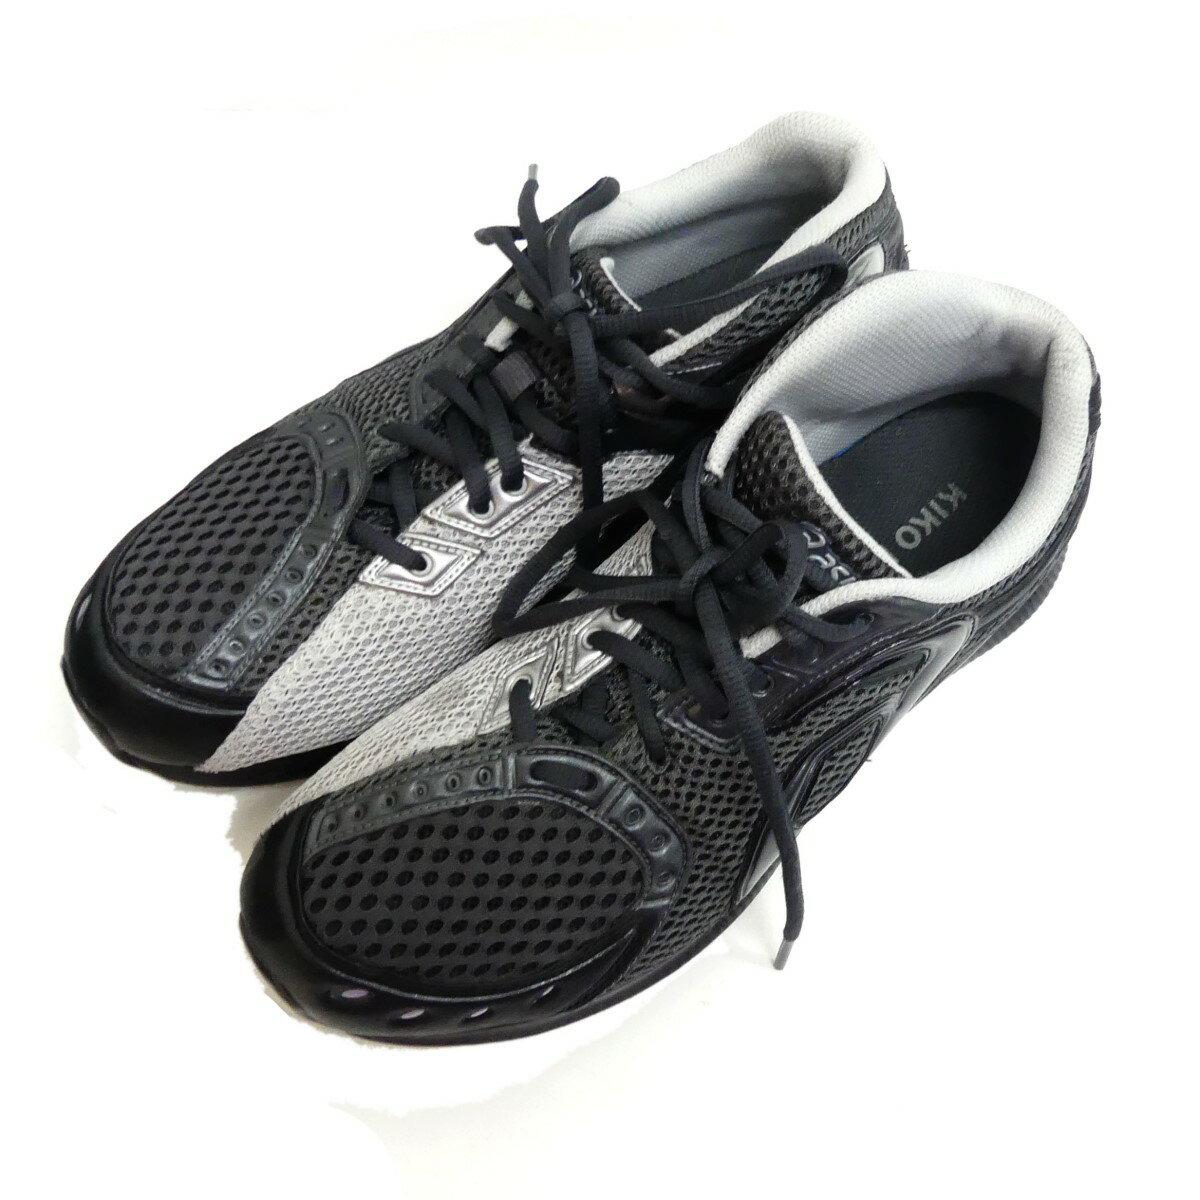 メンズ靴, その他 Kiko Kostadinov GEL-SOKAT INFINITY 26cm 240220